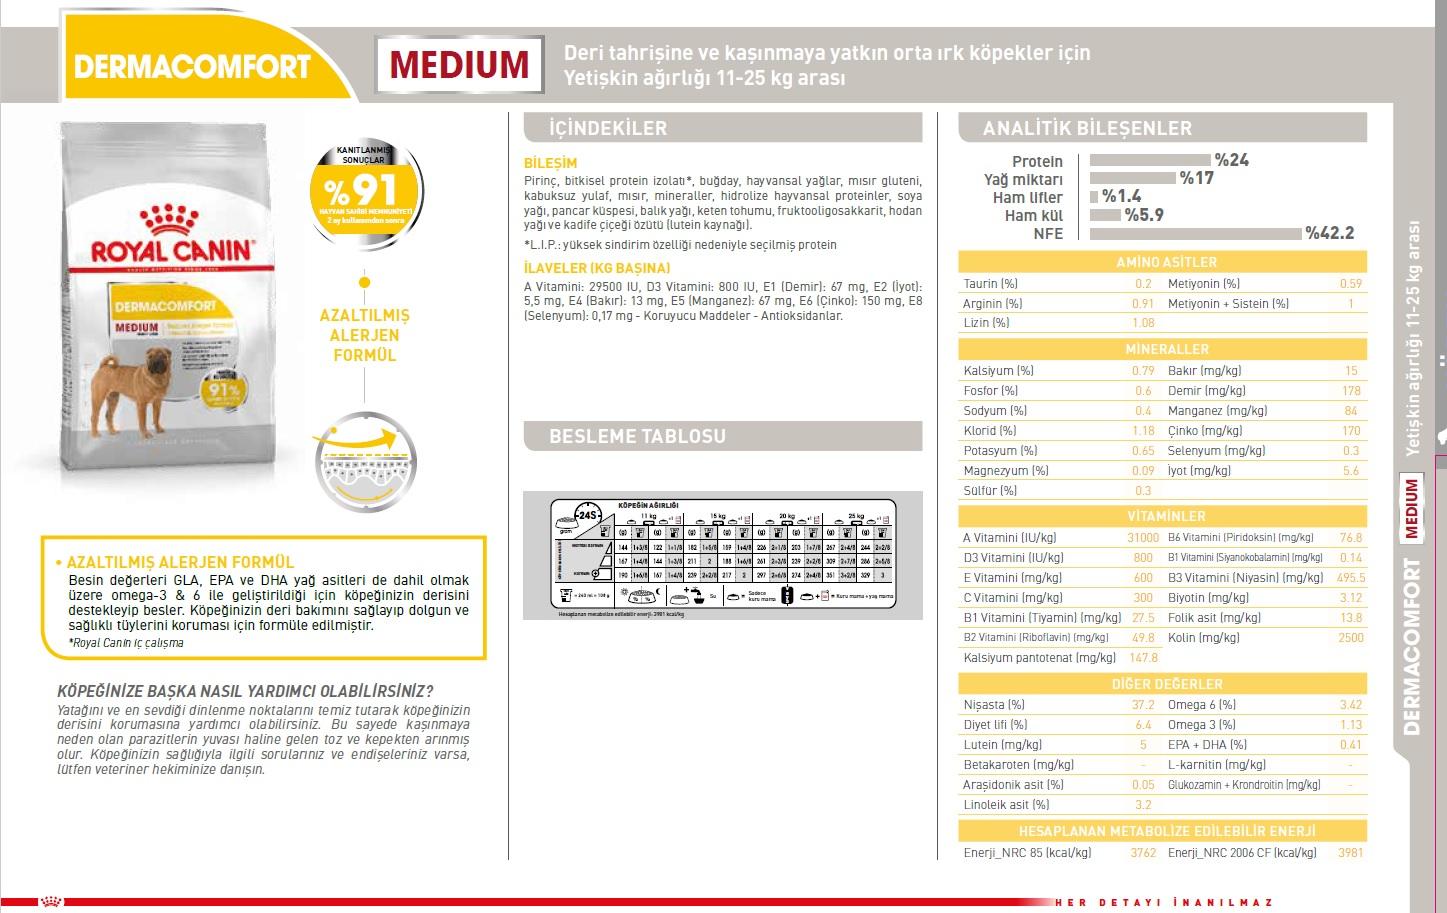 mediumderma.jpg (369 KB)